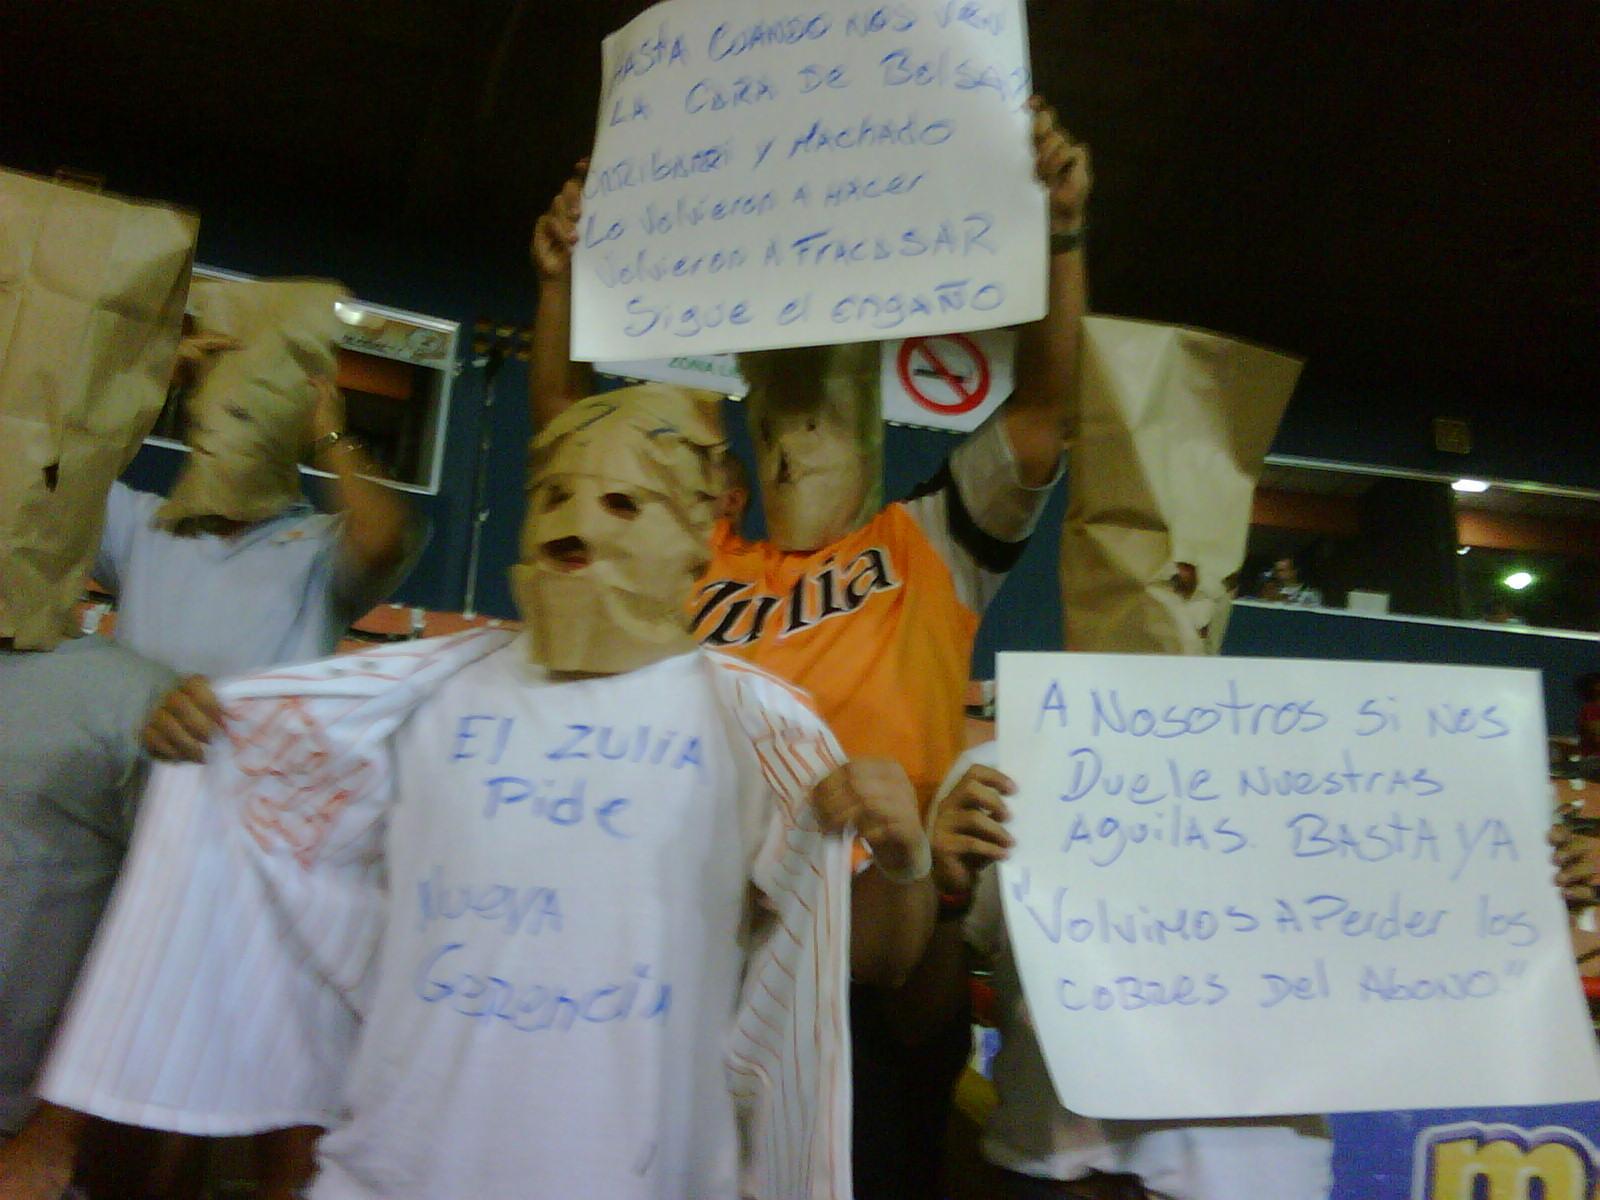 Los fanáticos se quejaron con pancartas.